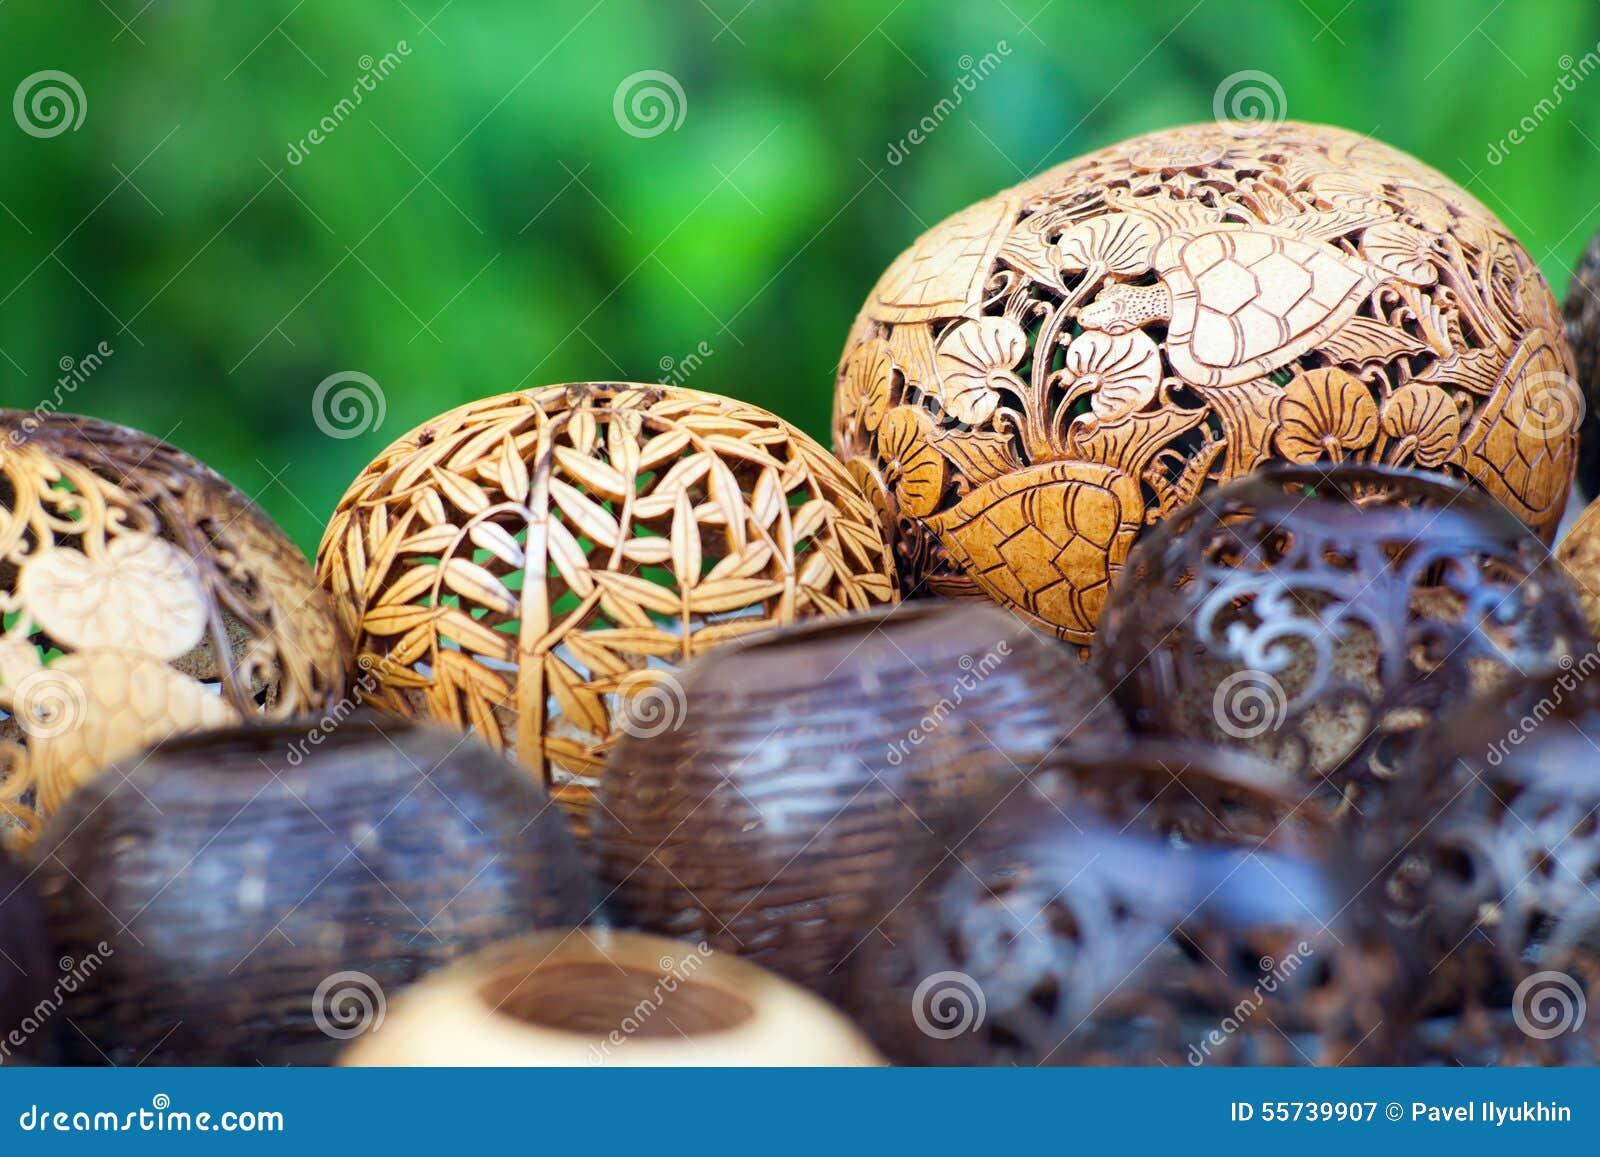 viele lampen geschnitzt von einem kokosnussbaum stockbild bild 55739907. Black Bedroom Furniture Sets. Home Design Ideas